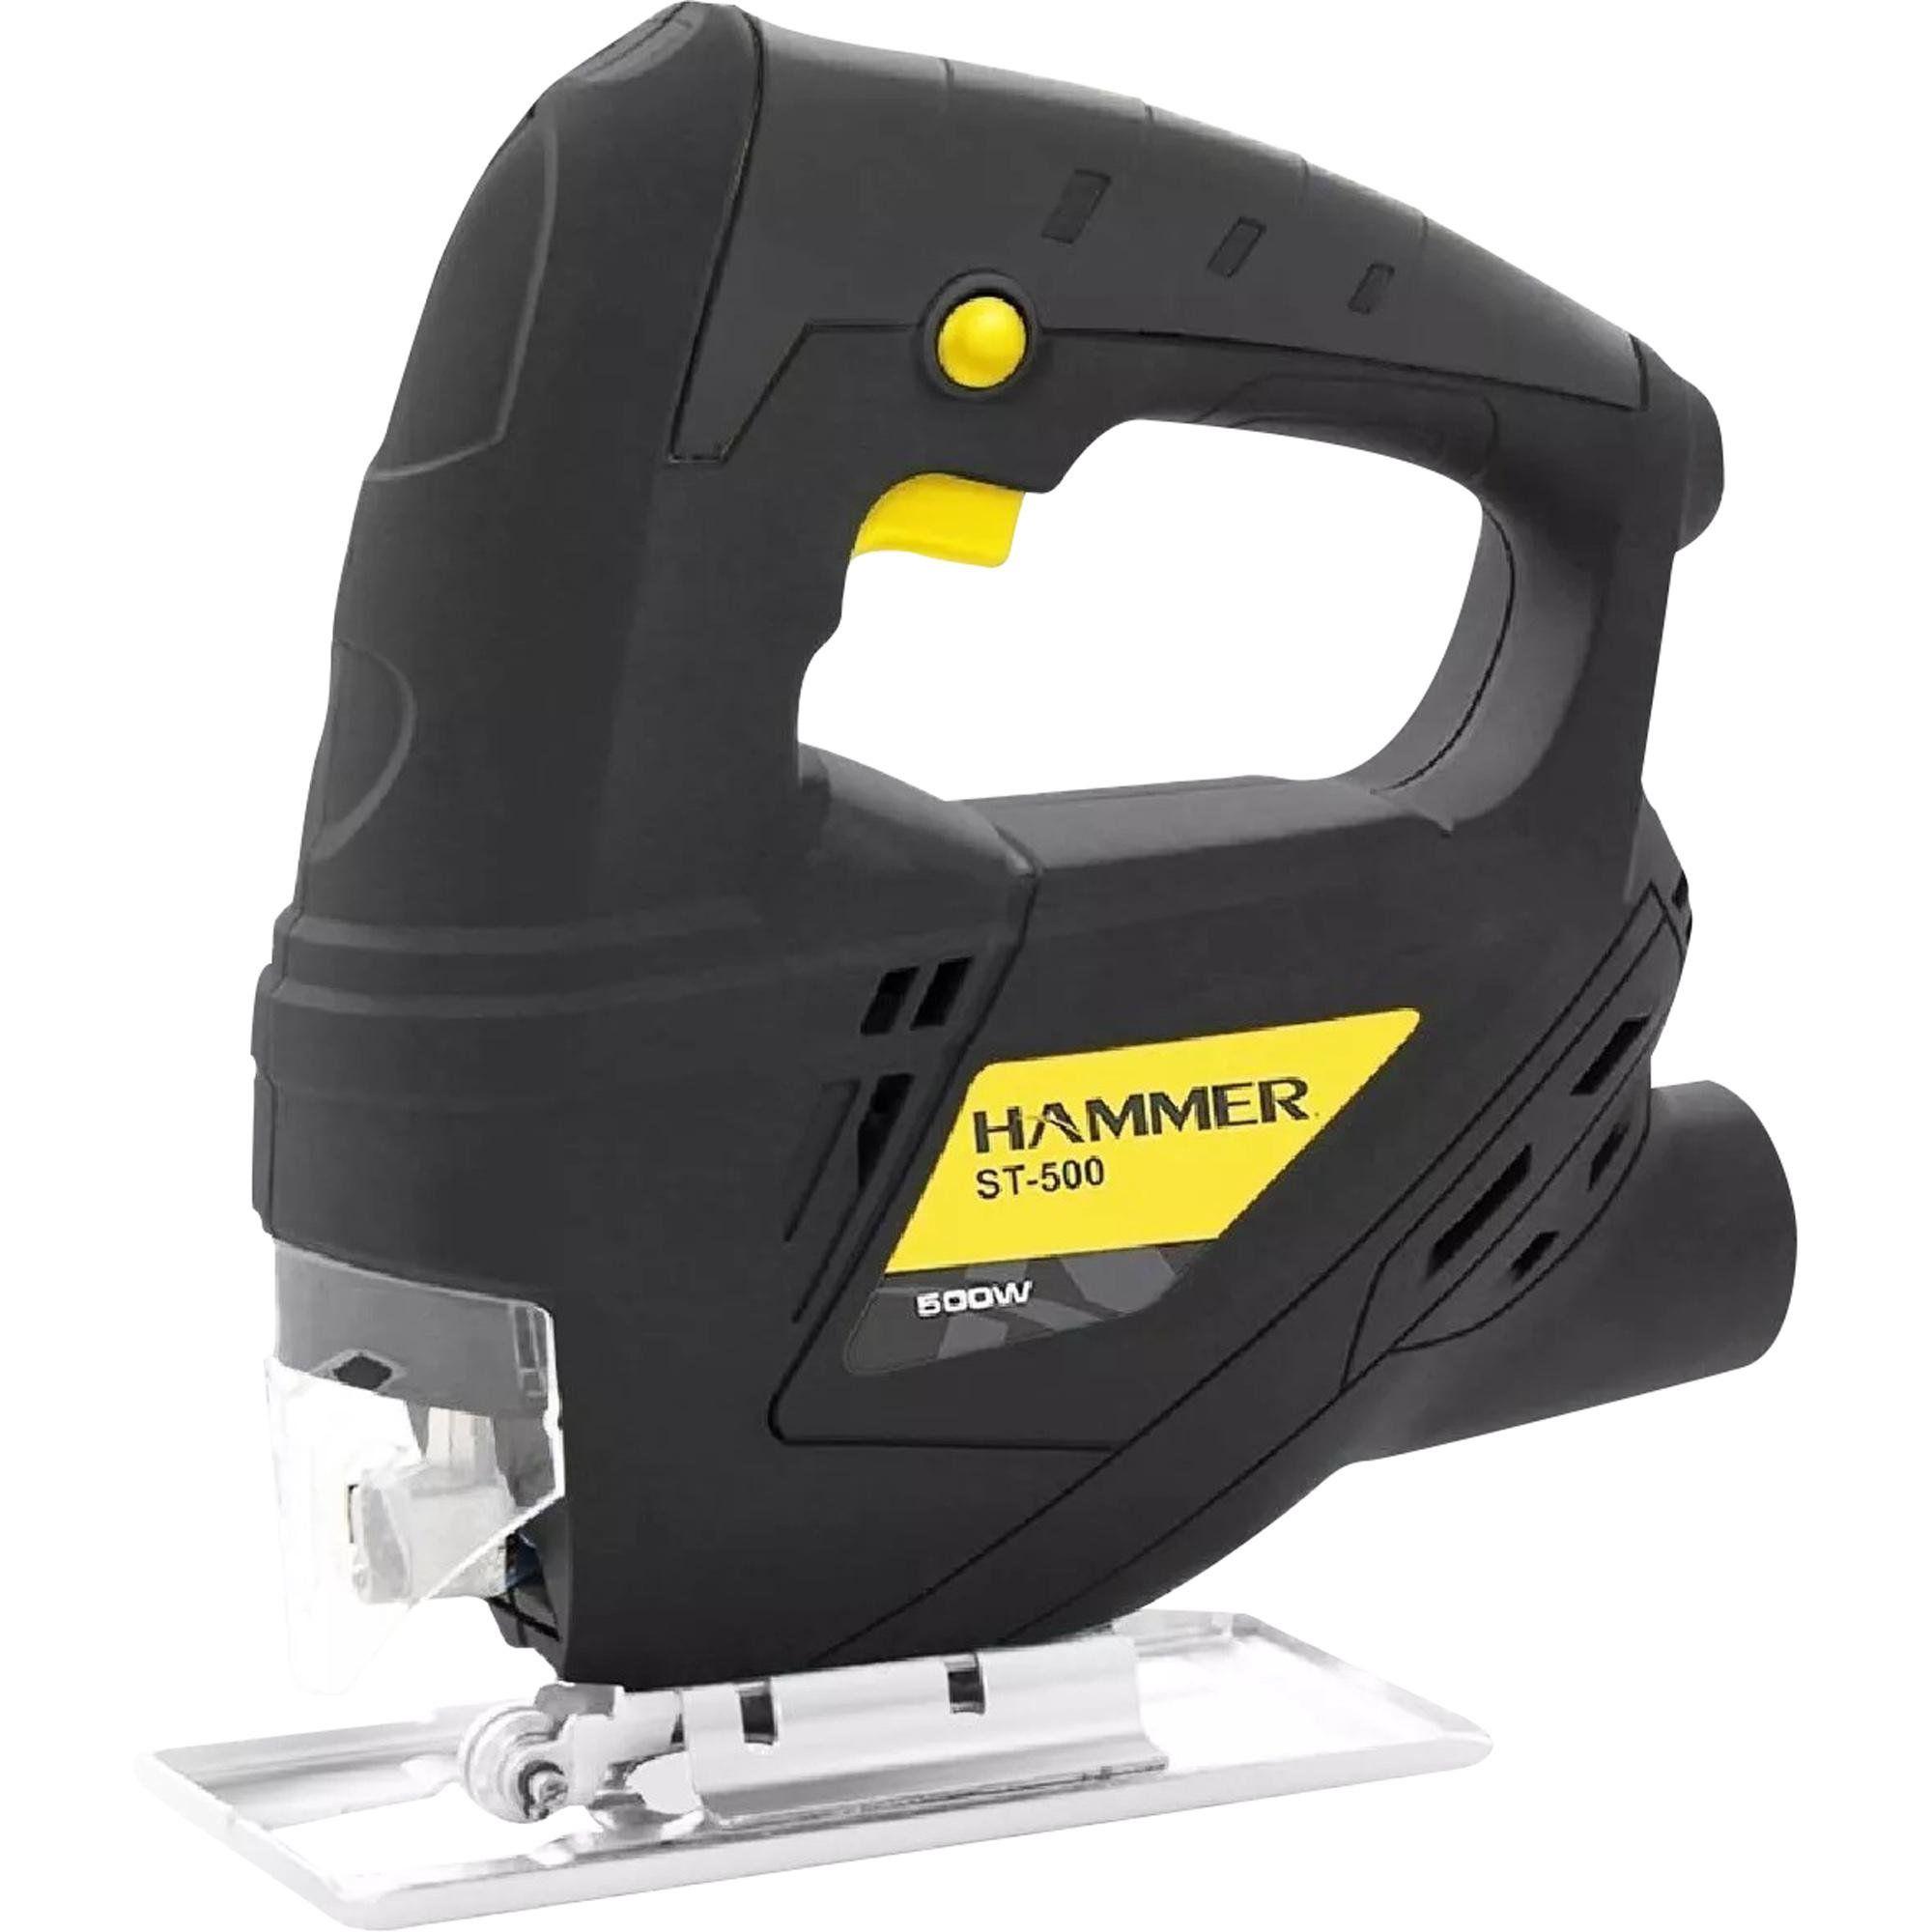 Serra Elétrica Tico Tico 500w Gyst500 Hammer 110v